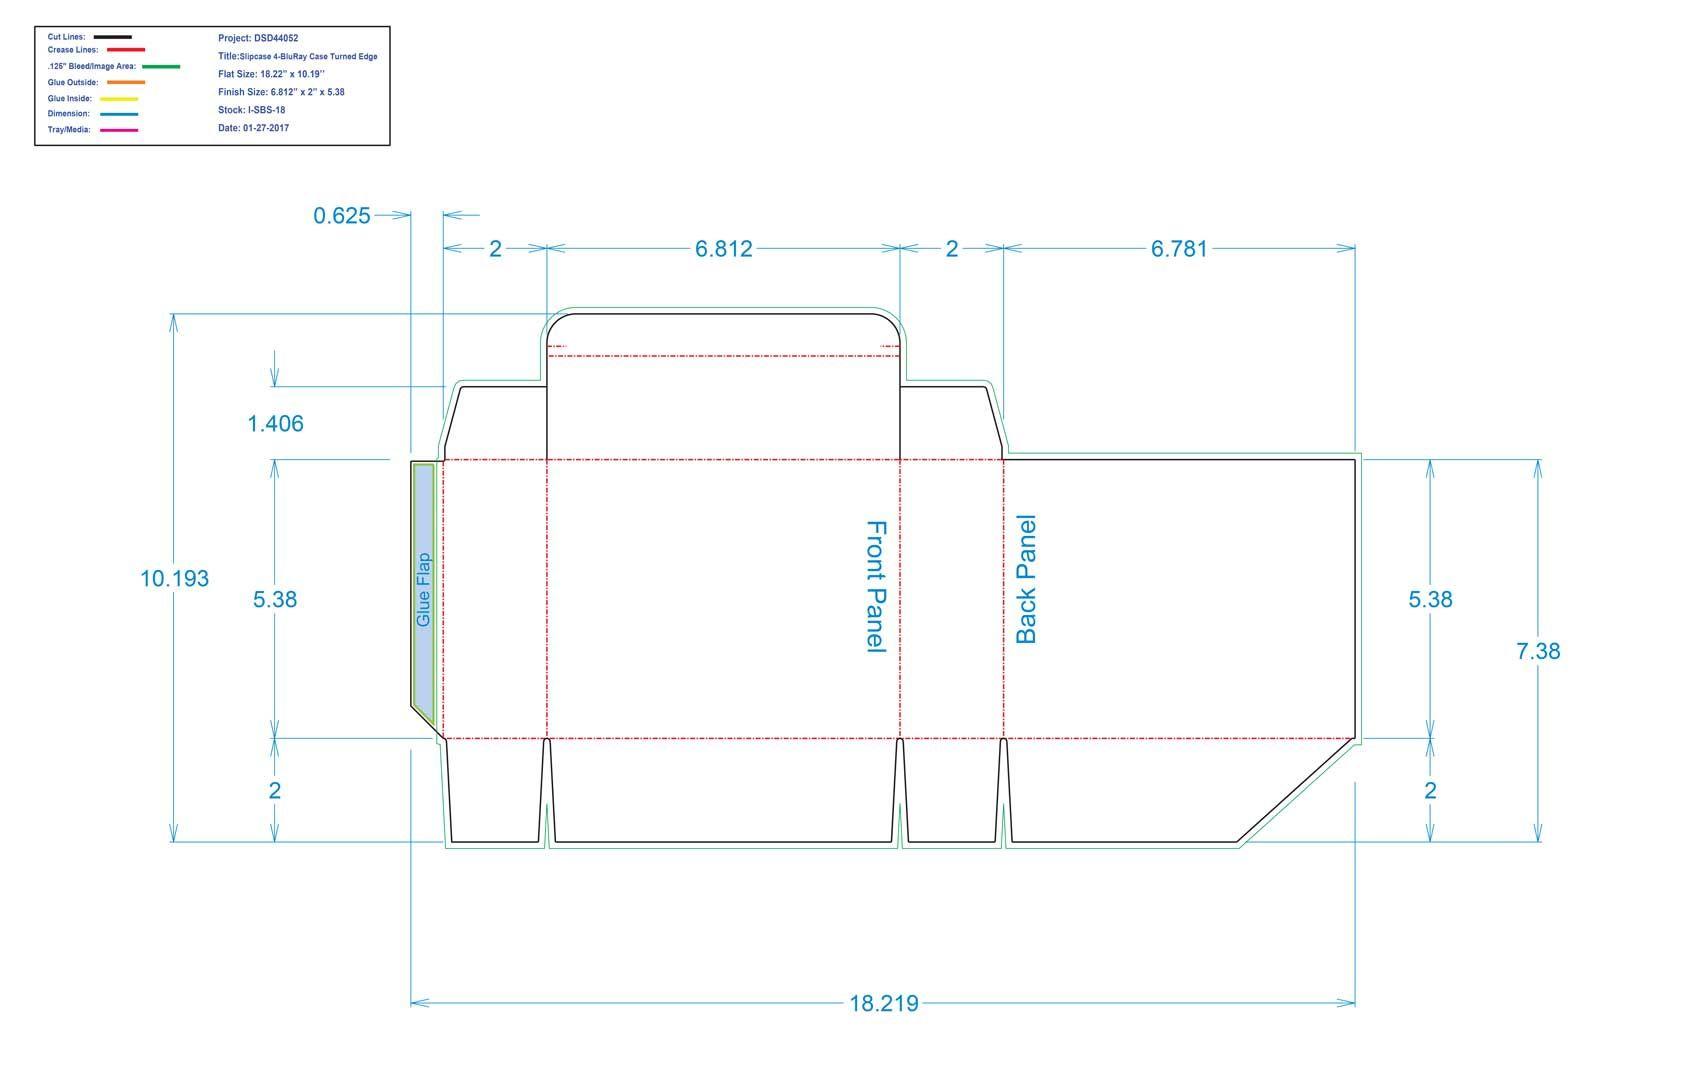 DSD44052 Slipcase 4 Bluray Case Turned Edge